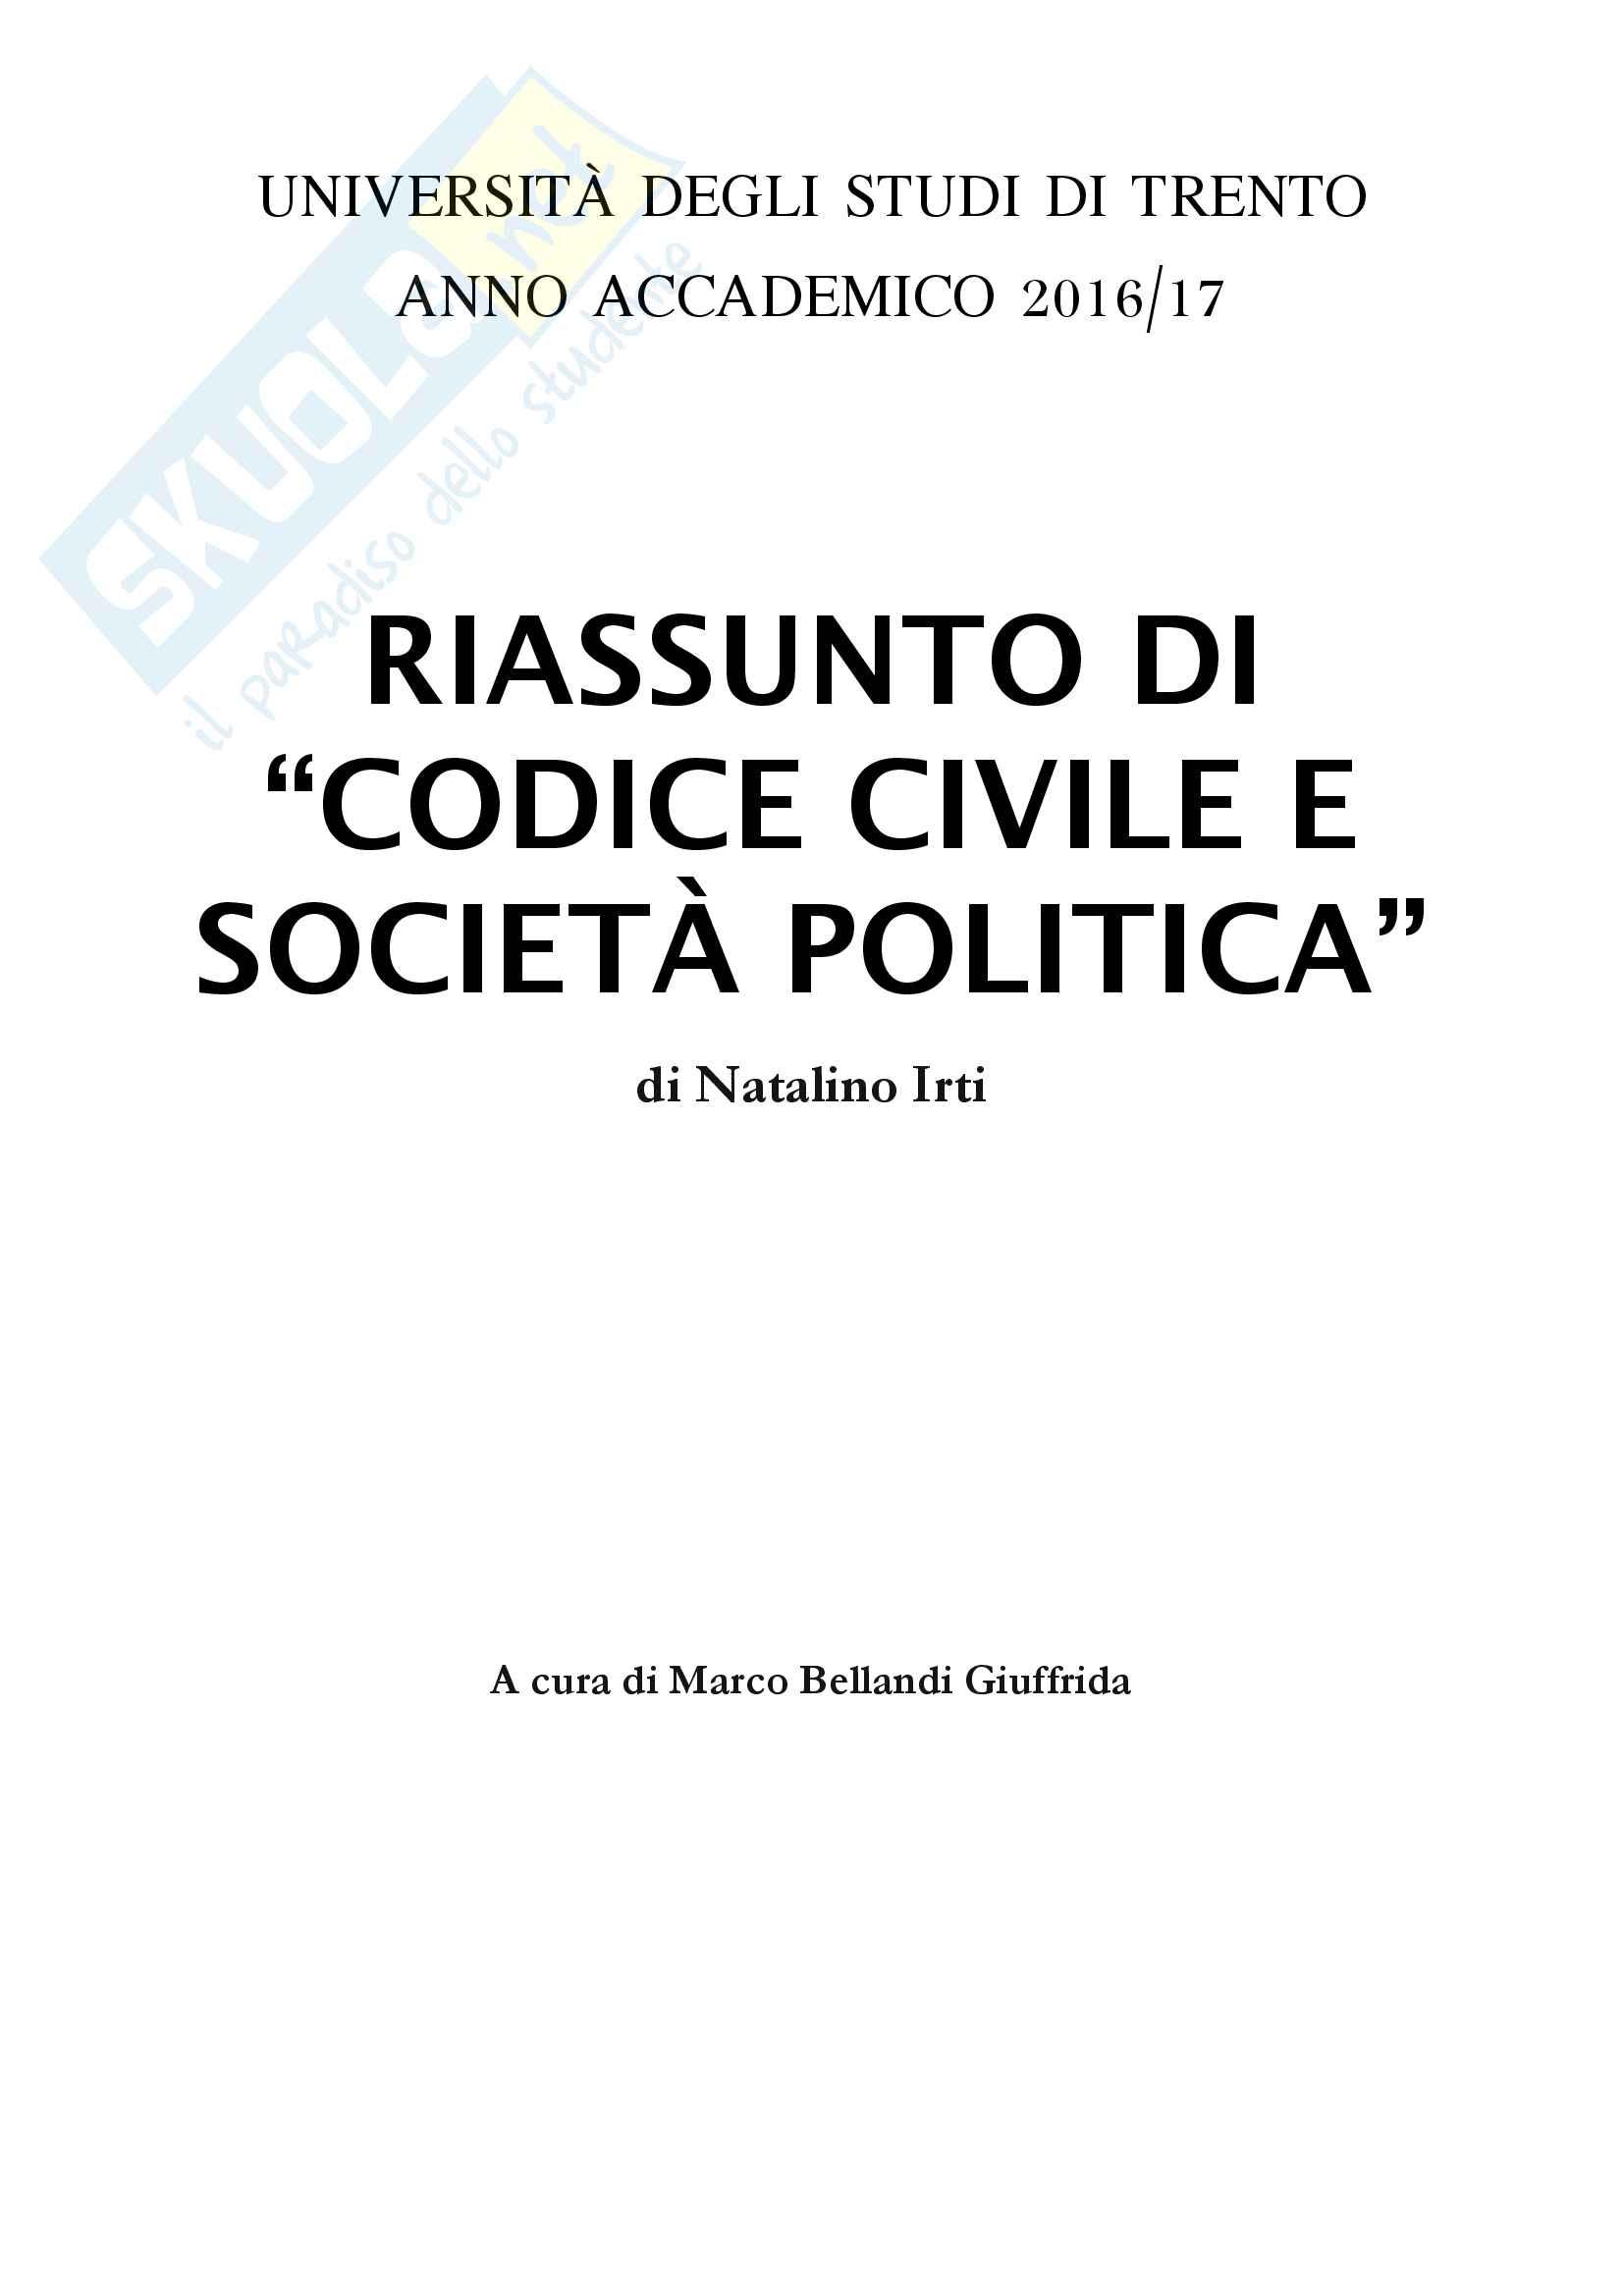 Riassunto per l'esame di Istituzioni di diritto privato I, prof.ssa Teresa Pasquino, libro consigliato Codice civile e società politica, Natalino Irti